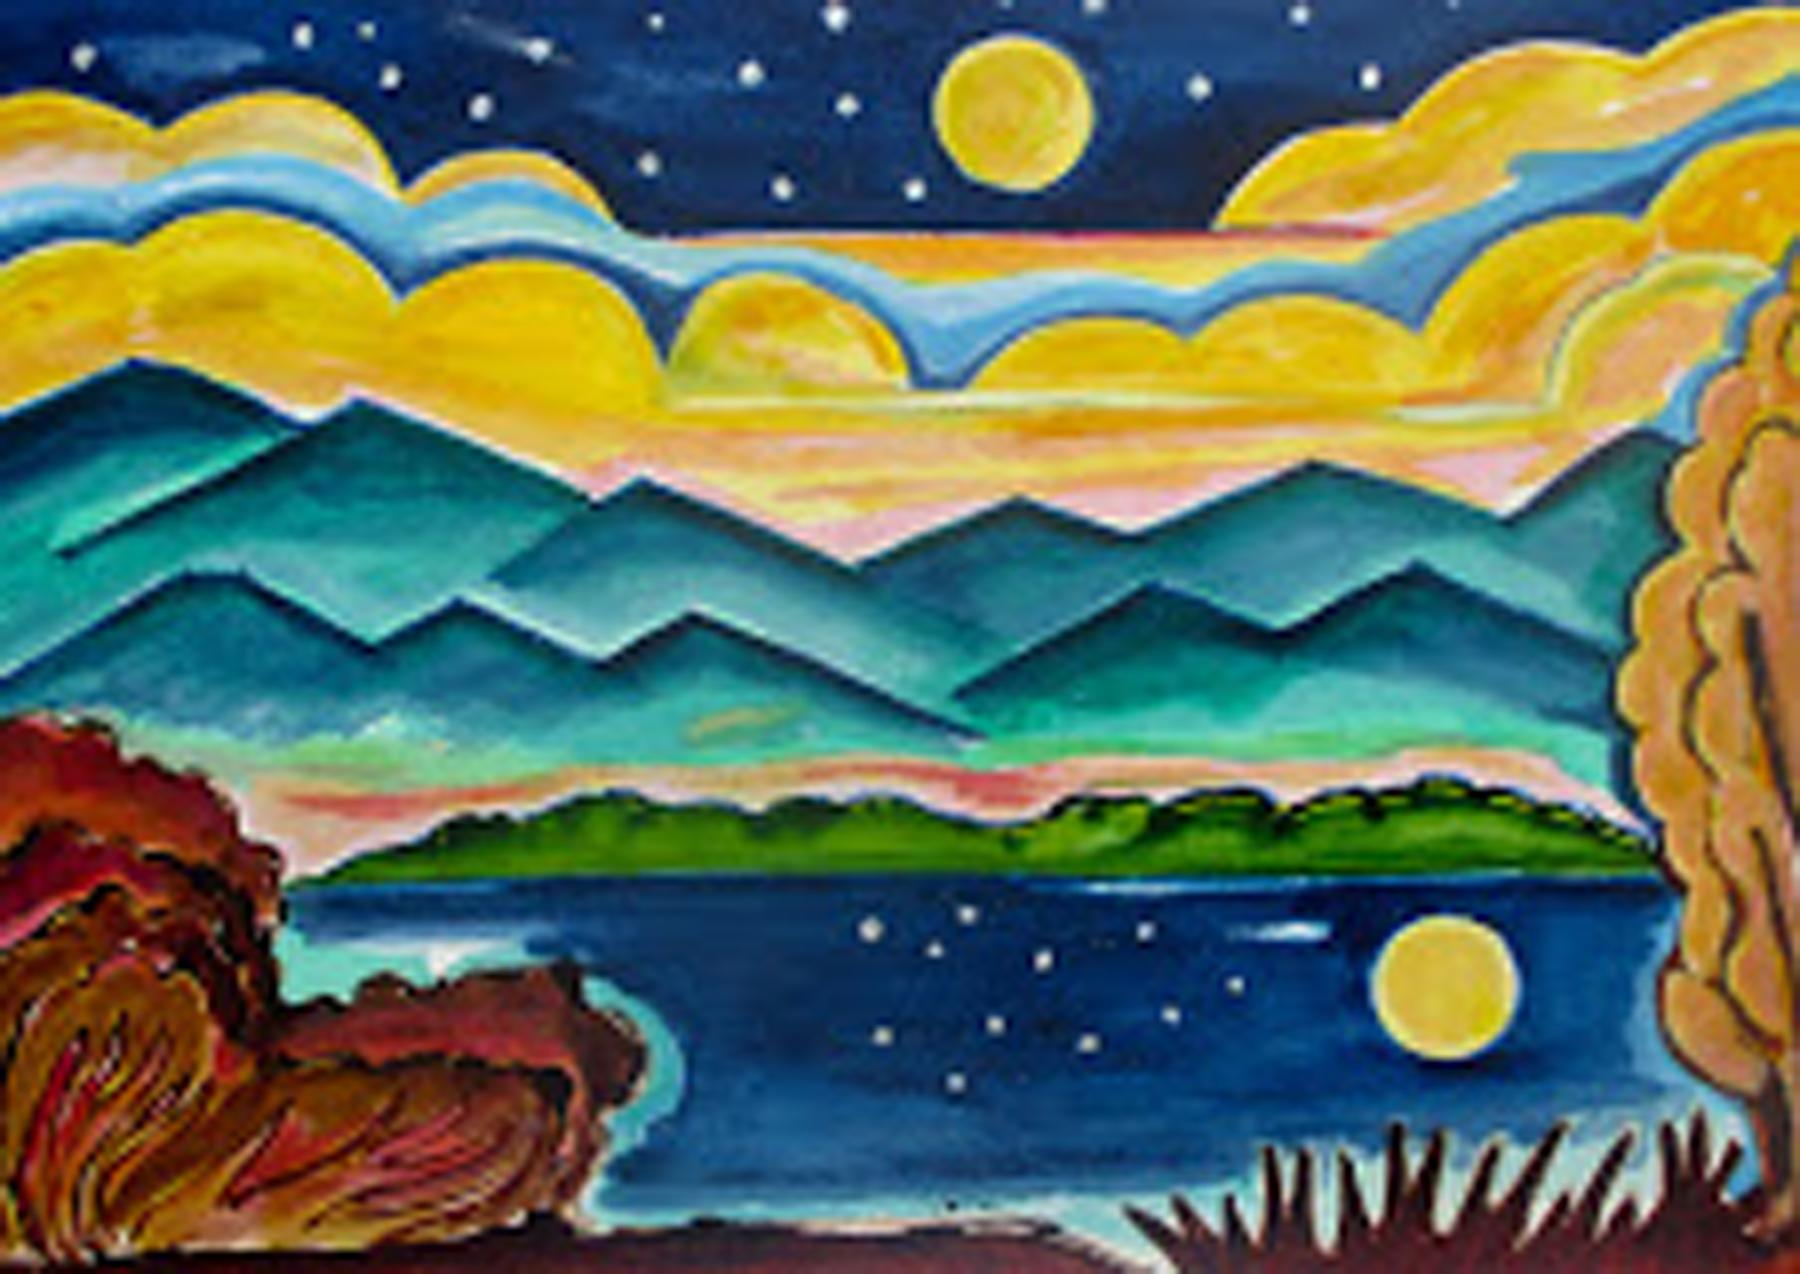 Marigold Moon, acrylic on canvas, 24 x 20 SOLD